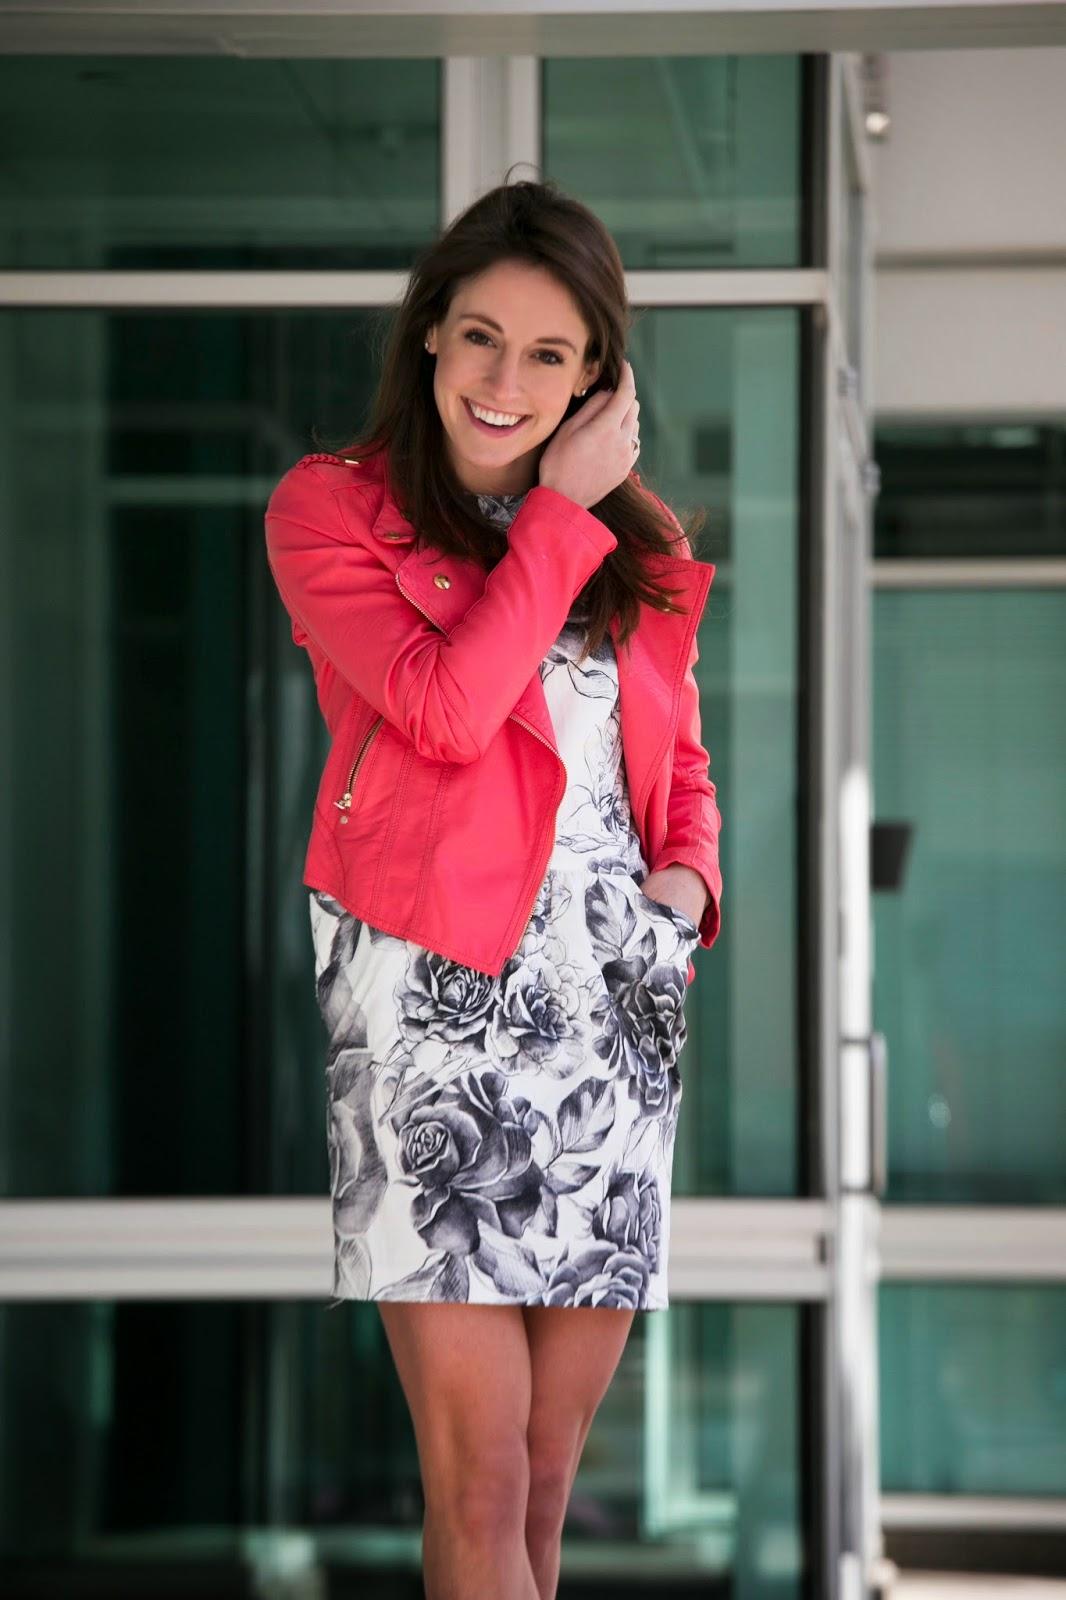 Talulah-floral-print-dress